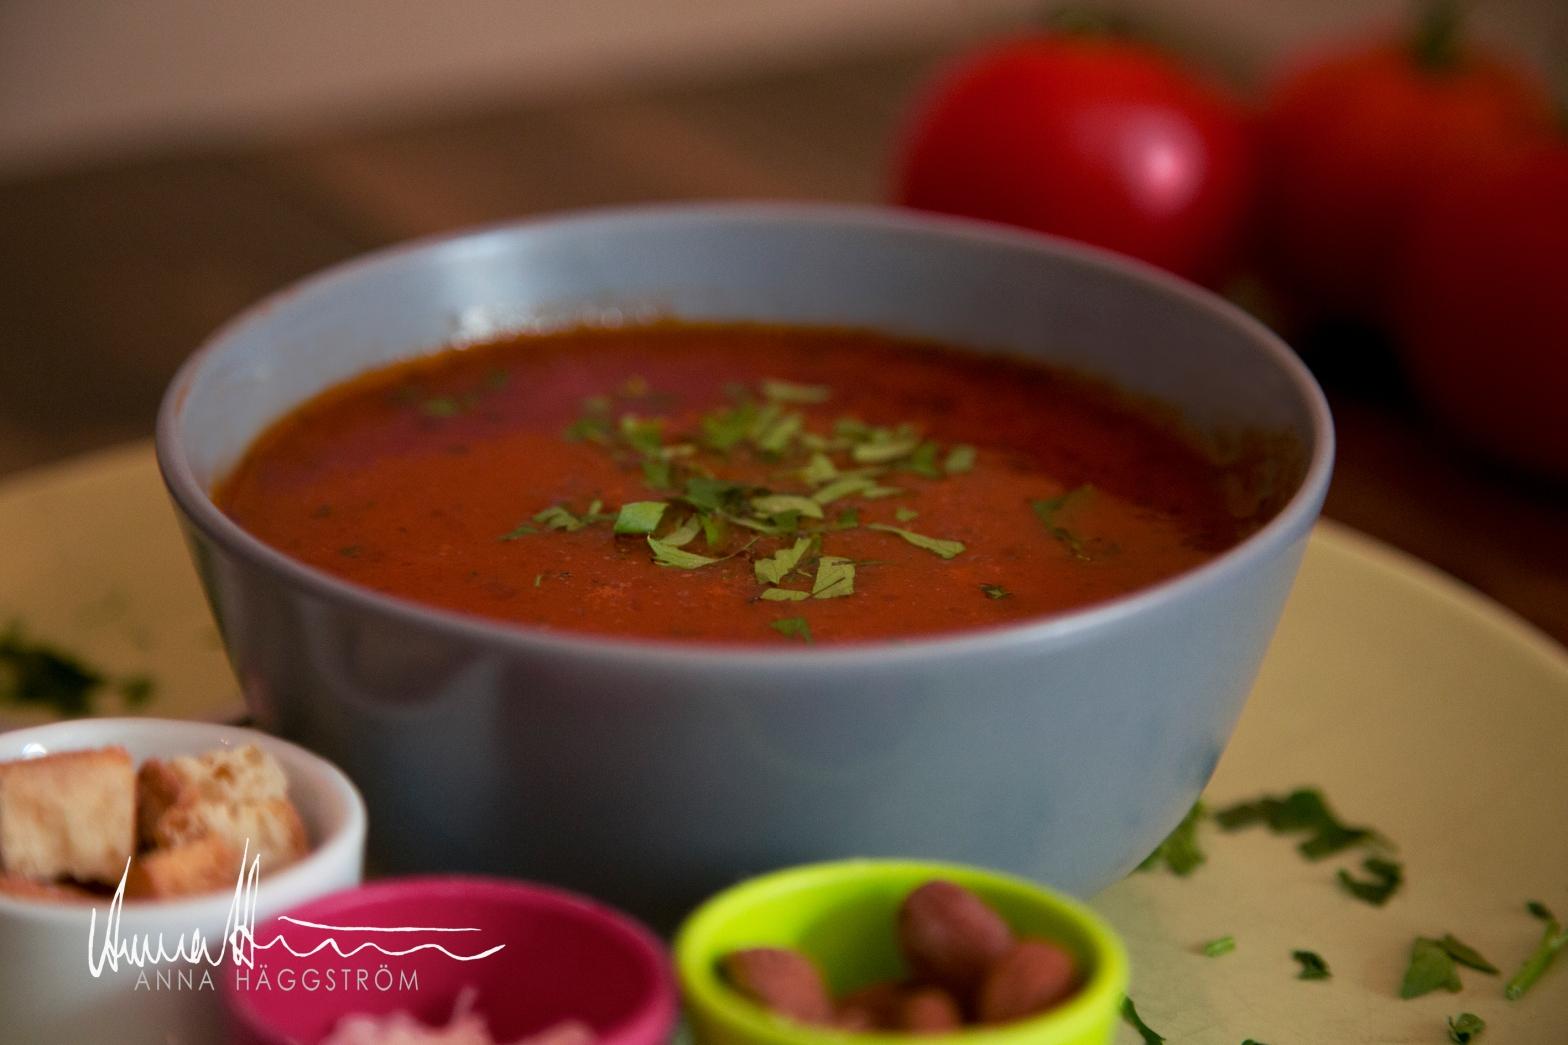 Mustig tomatsoppa med vita rostade mandlar och vita bönor på grekiska lunch restaurangen Farbror Nikos på Södermalm